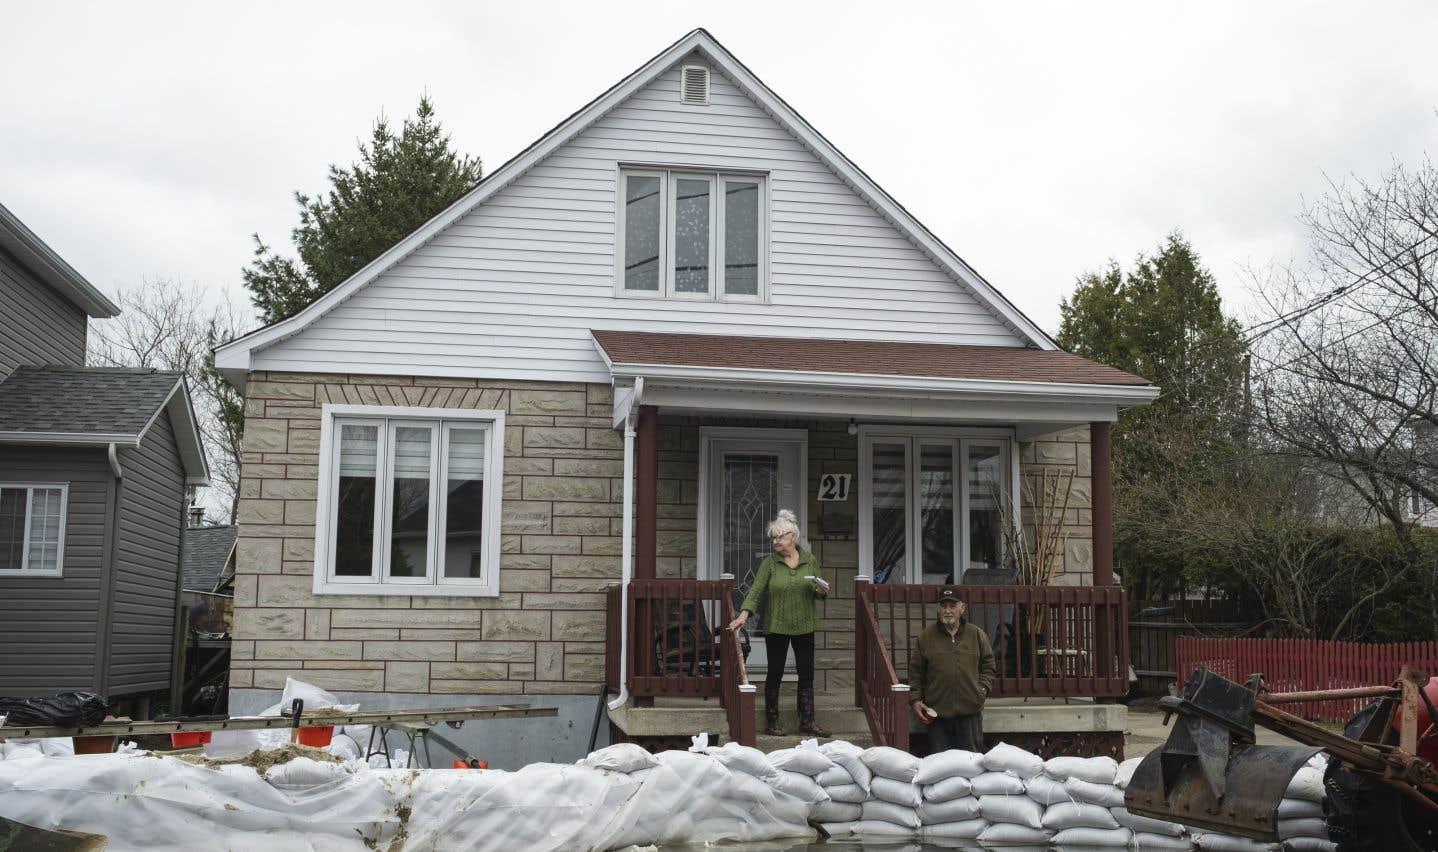 Devant la résidence de Louise Klimko, 75 ans, la rue Harriett à Lachute n'est plus qu'une rivière. Mais sa maison est encore bien au sec, protégée par une digue érigée par son voisin Michaël Décoste.